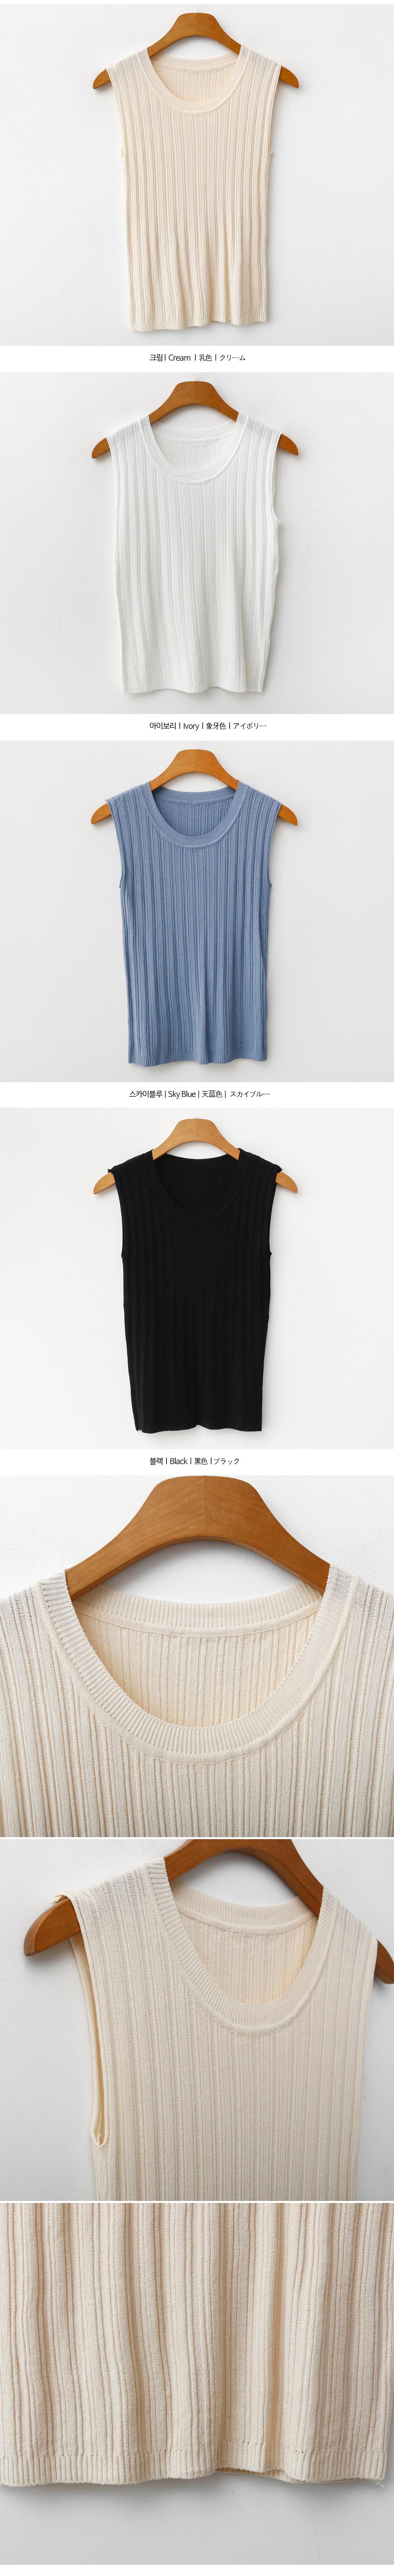 Knitwear Label Sleeveless